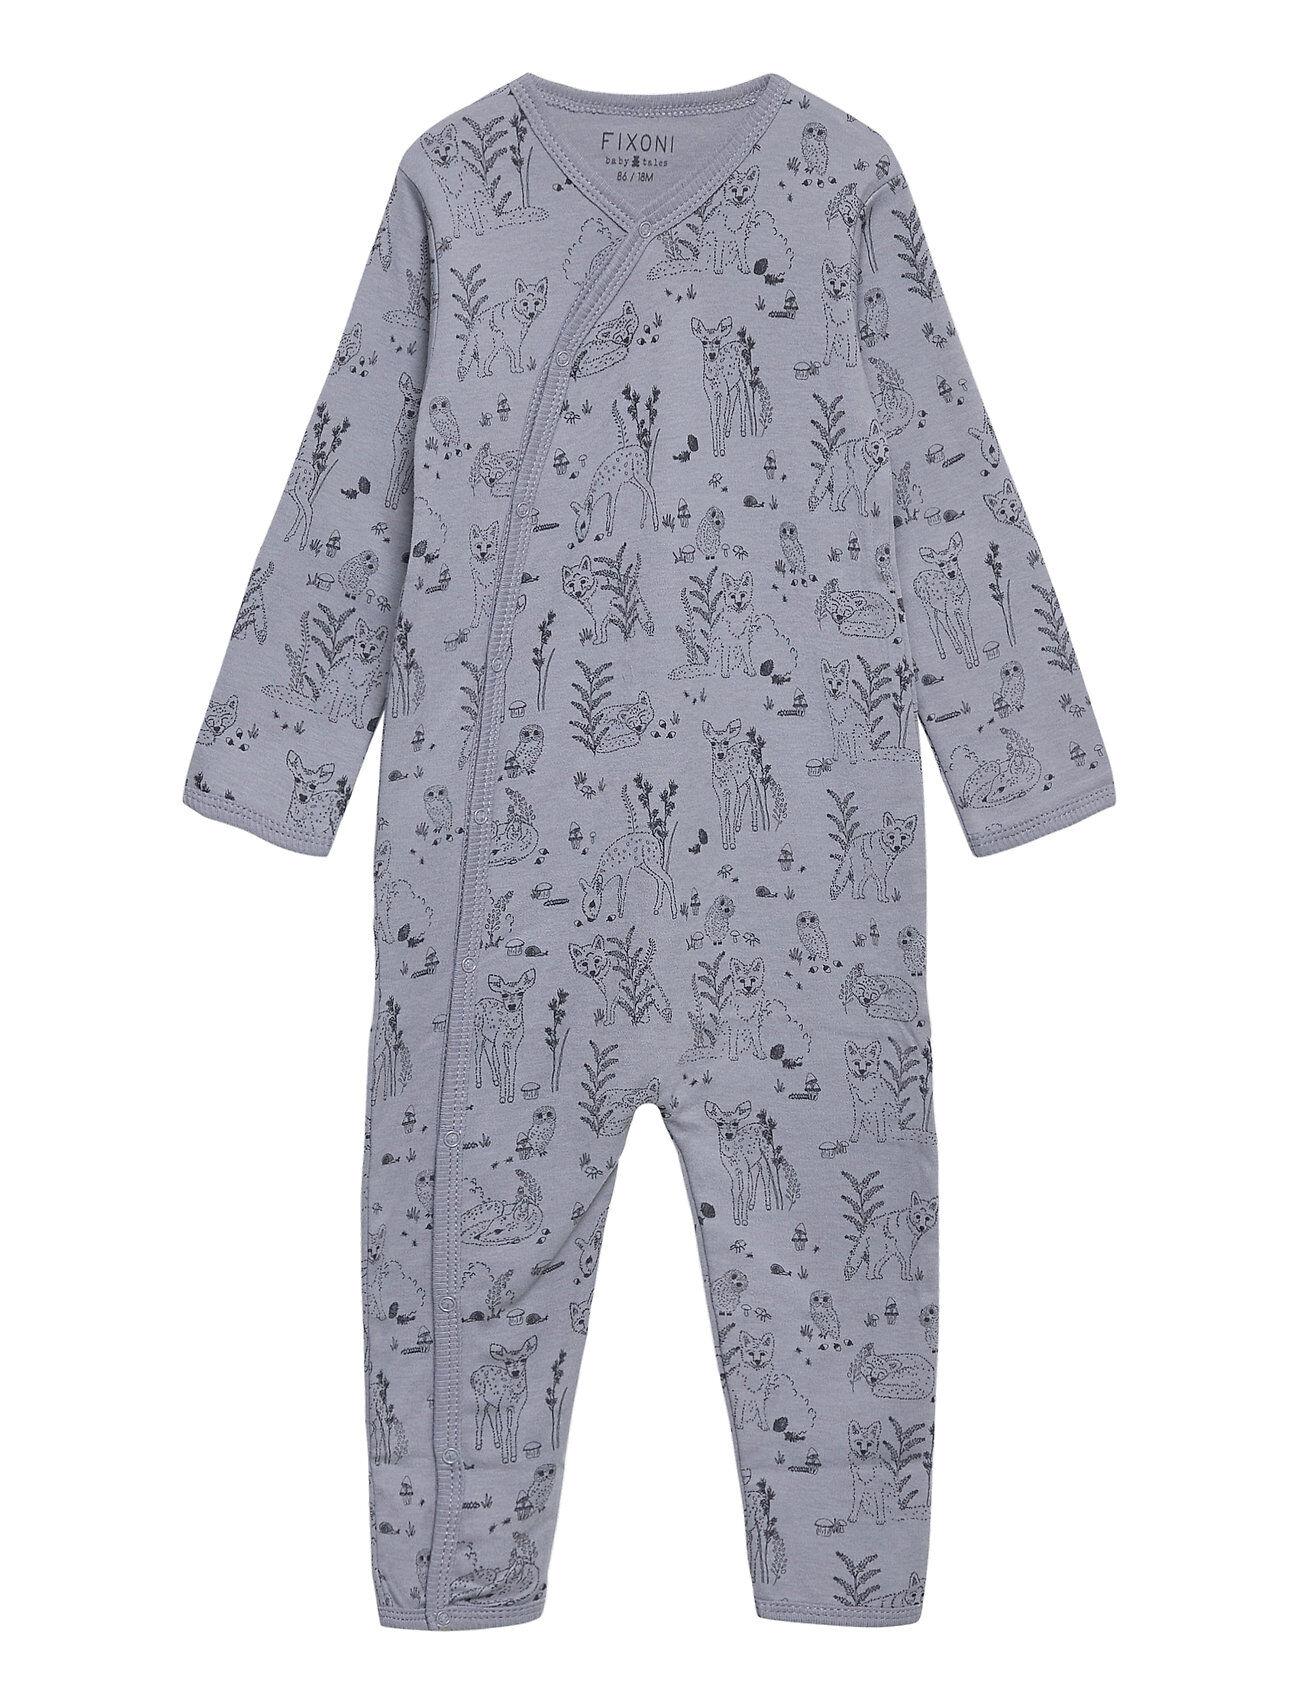 Fixoni Night Suit -Oekotex Pitkähihainen Body Sininen Fixoni